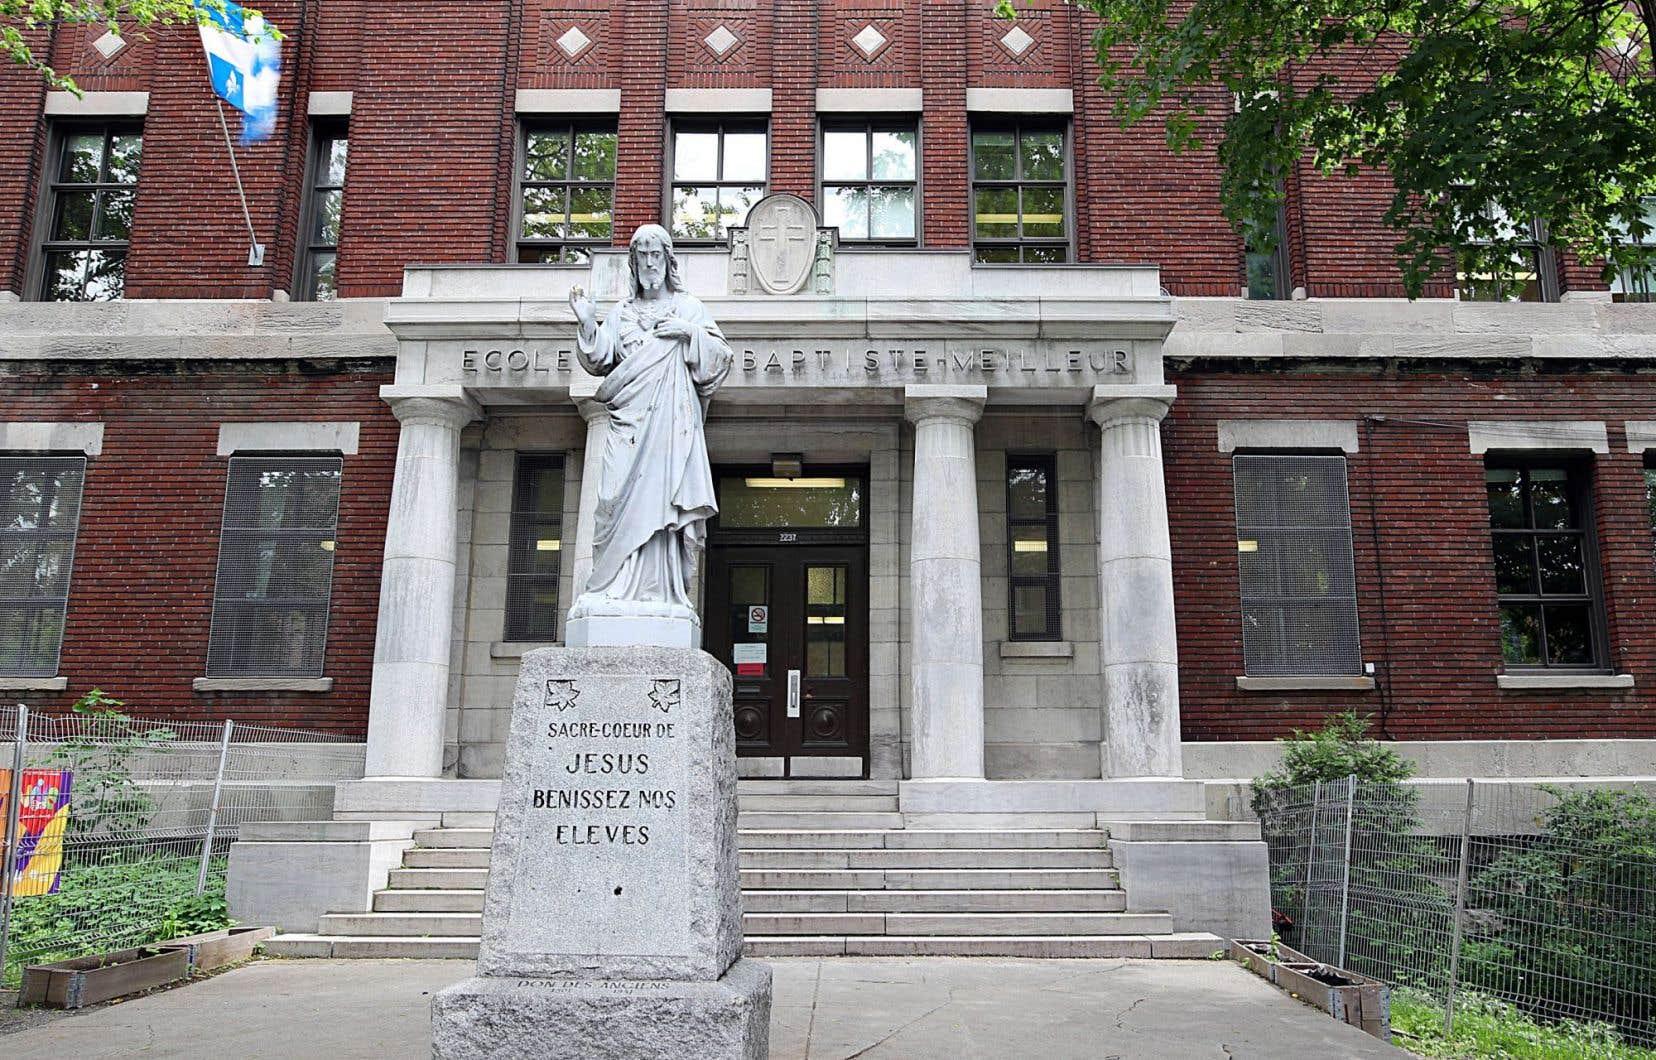 Les écoles qu'on va construire au début du XXe siècle sont de gros bâtiments de pierres grises ou de briques rouges, plutôt austères. Ils ressemblent assez à des couvents ou, du moins, aux différents édifices occupés par les religieux.